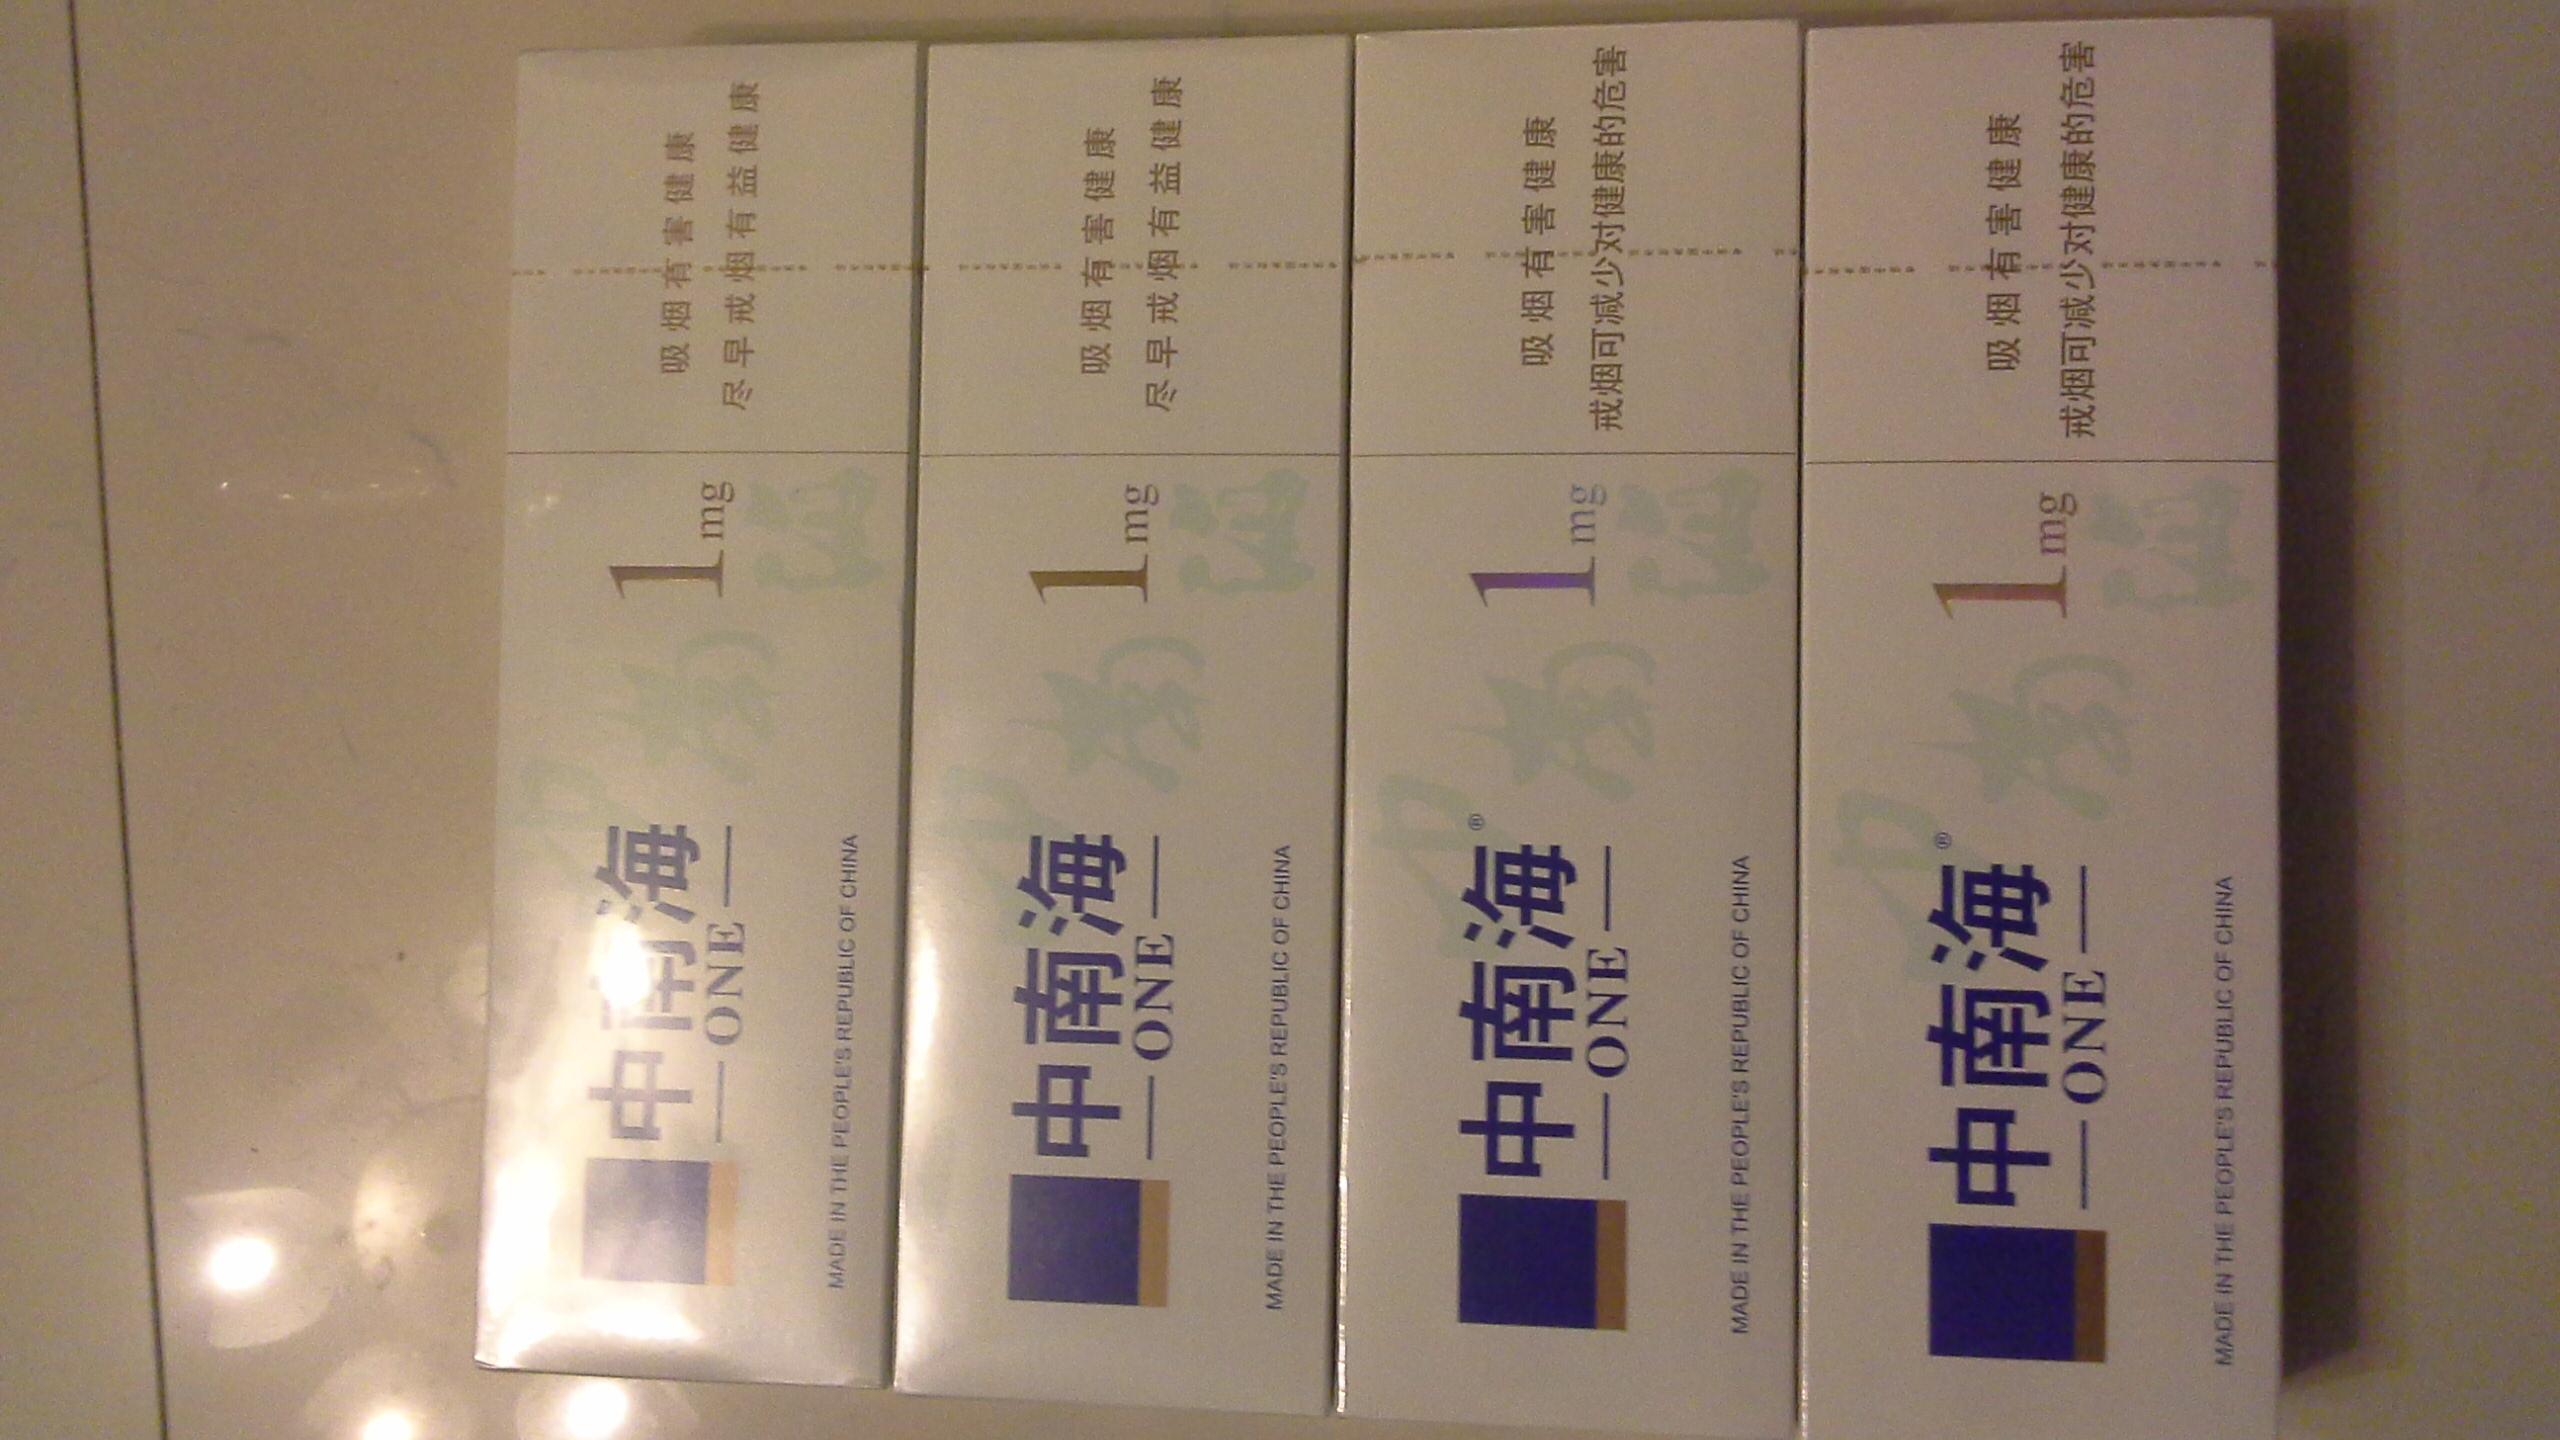 低价转让4条香港免税店购买的中南海1号香烟,有购买小票